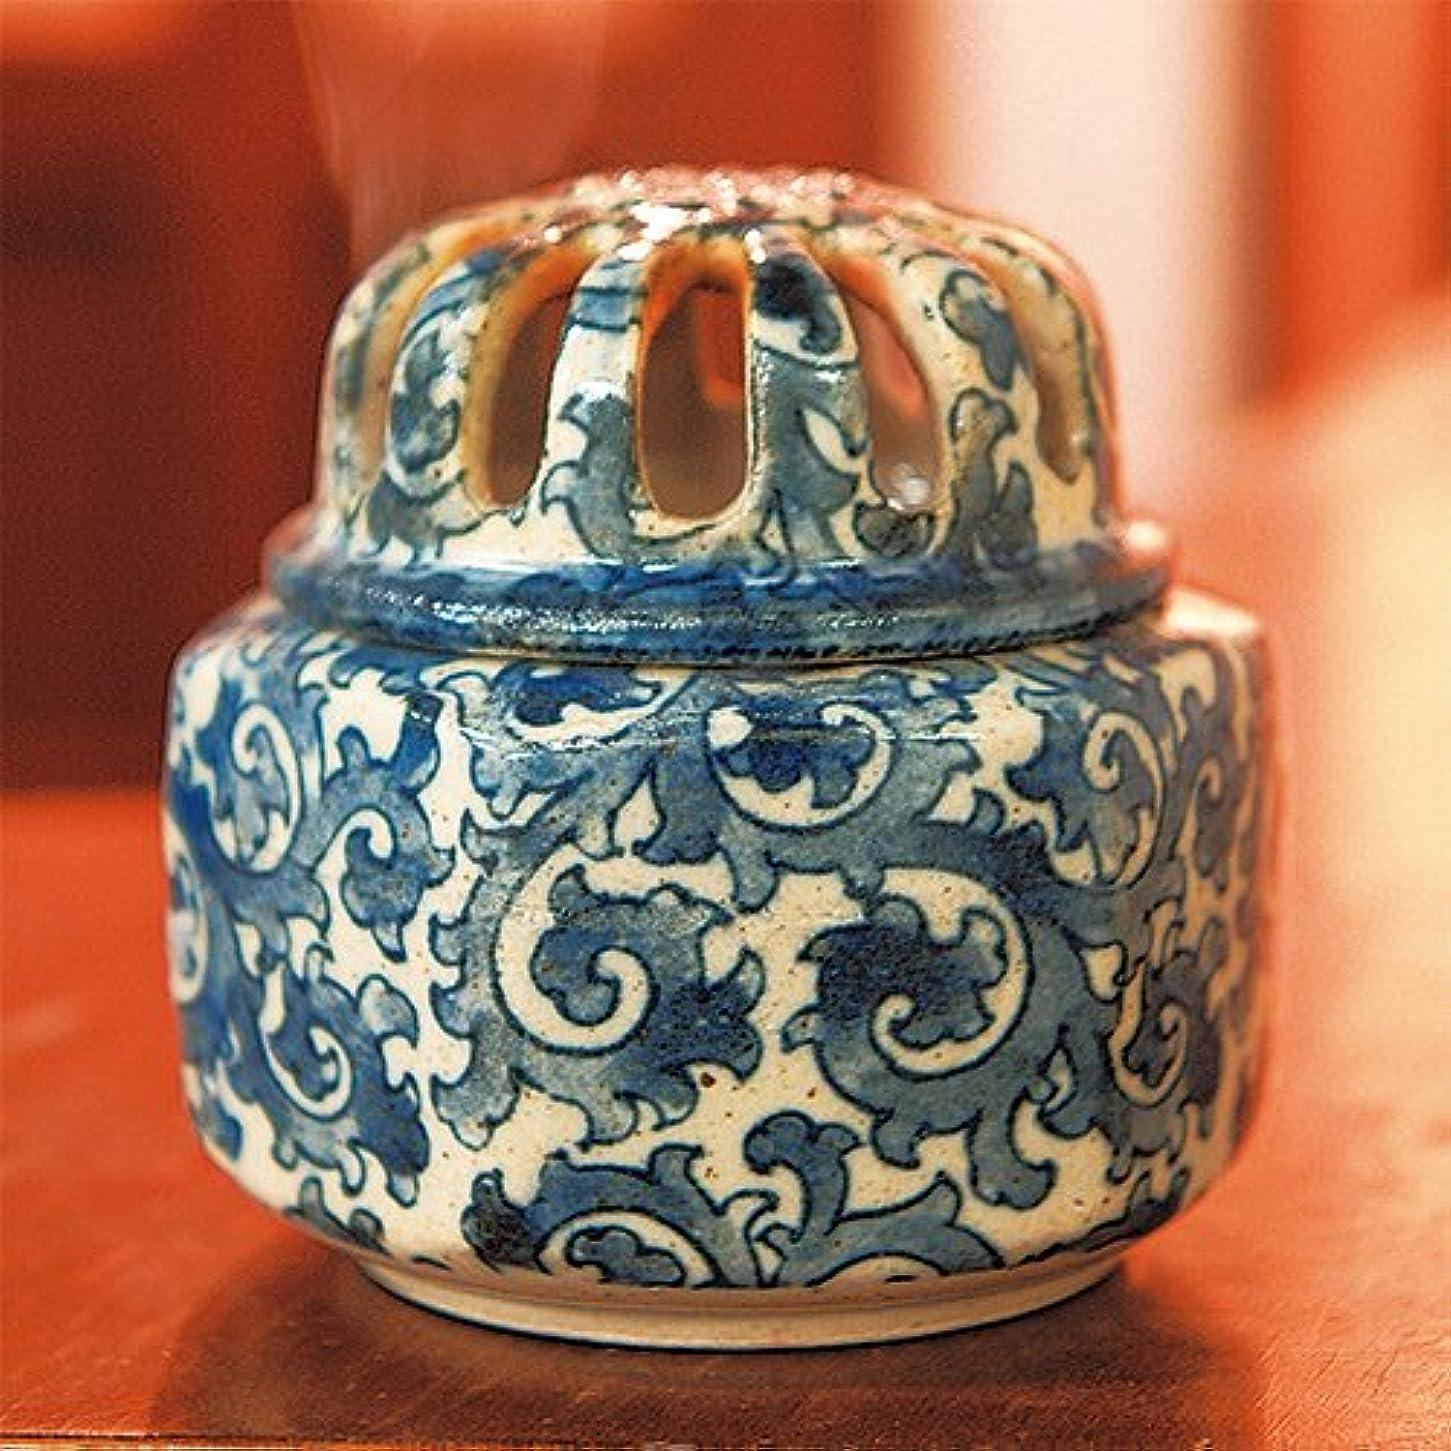 守る修道院中級香炉 土物 タコ唐草 福香炉 [R8.8xH8.7cm] プレゼント ギフト 和食器 かわいい インテリア